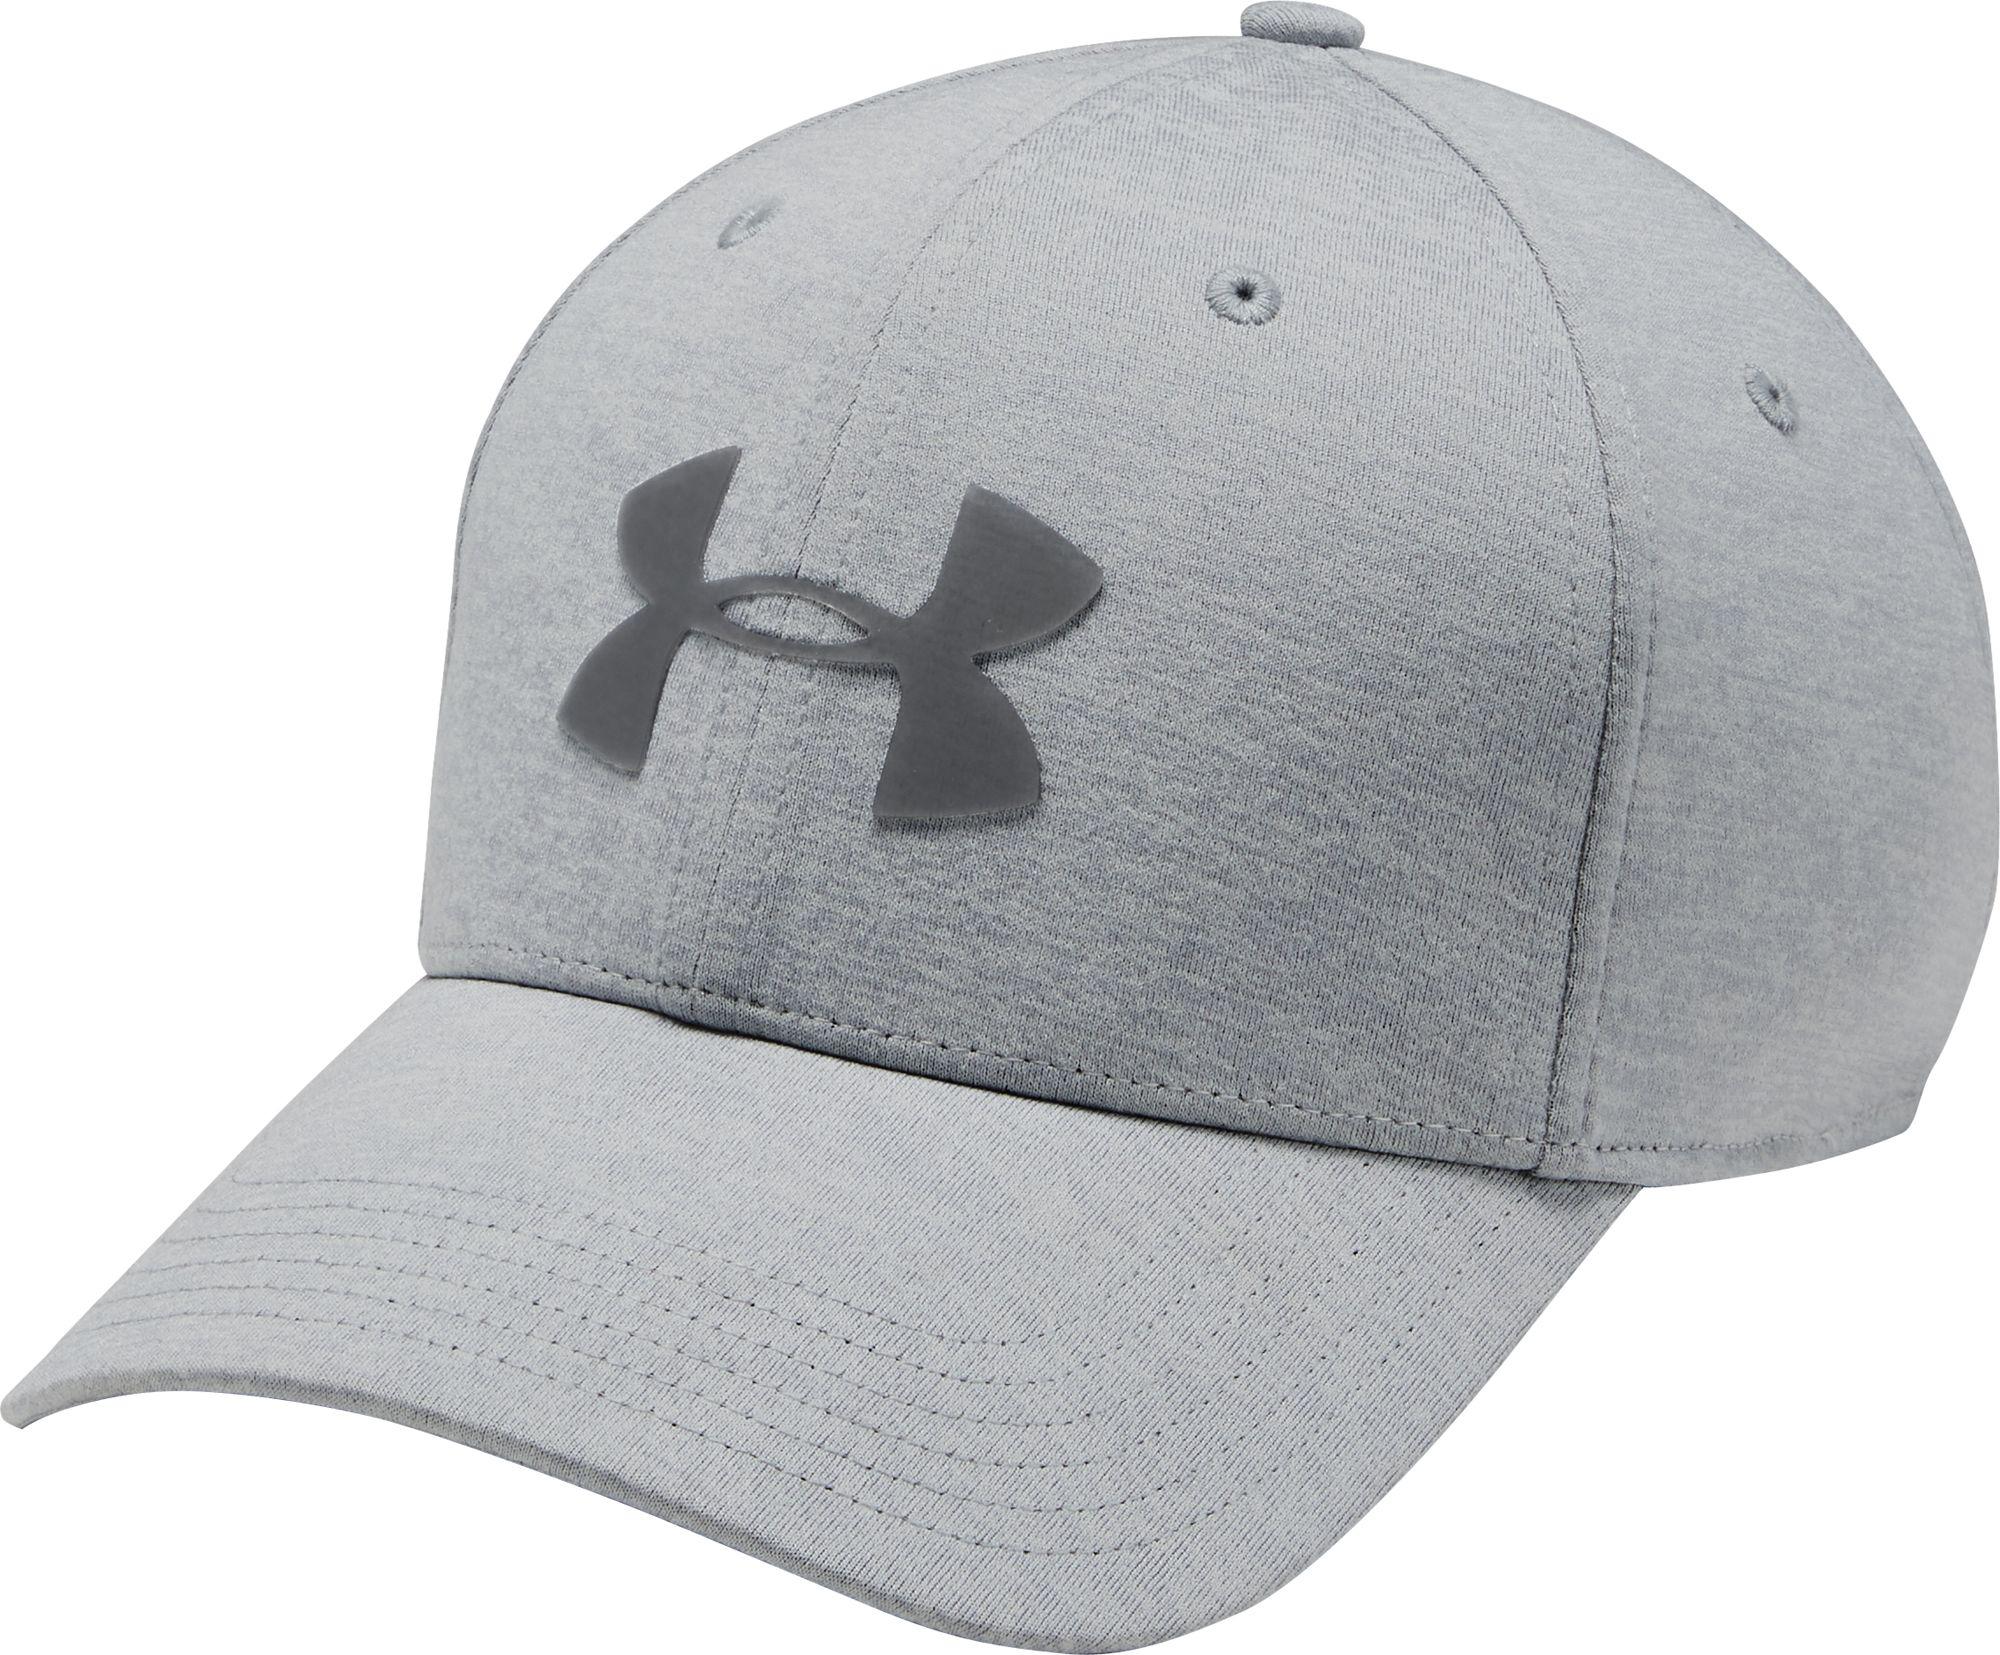 0e6c23c67af3 Under Armour Men s Armour Twist Hat 2.0